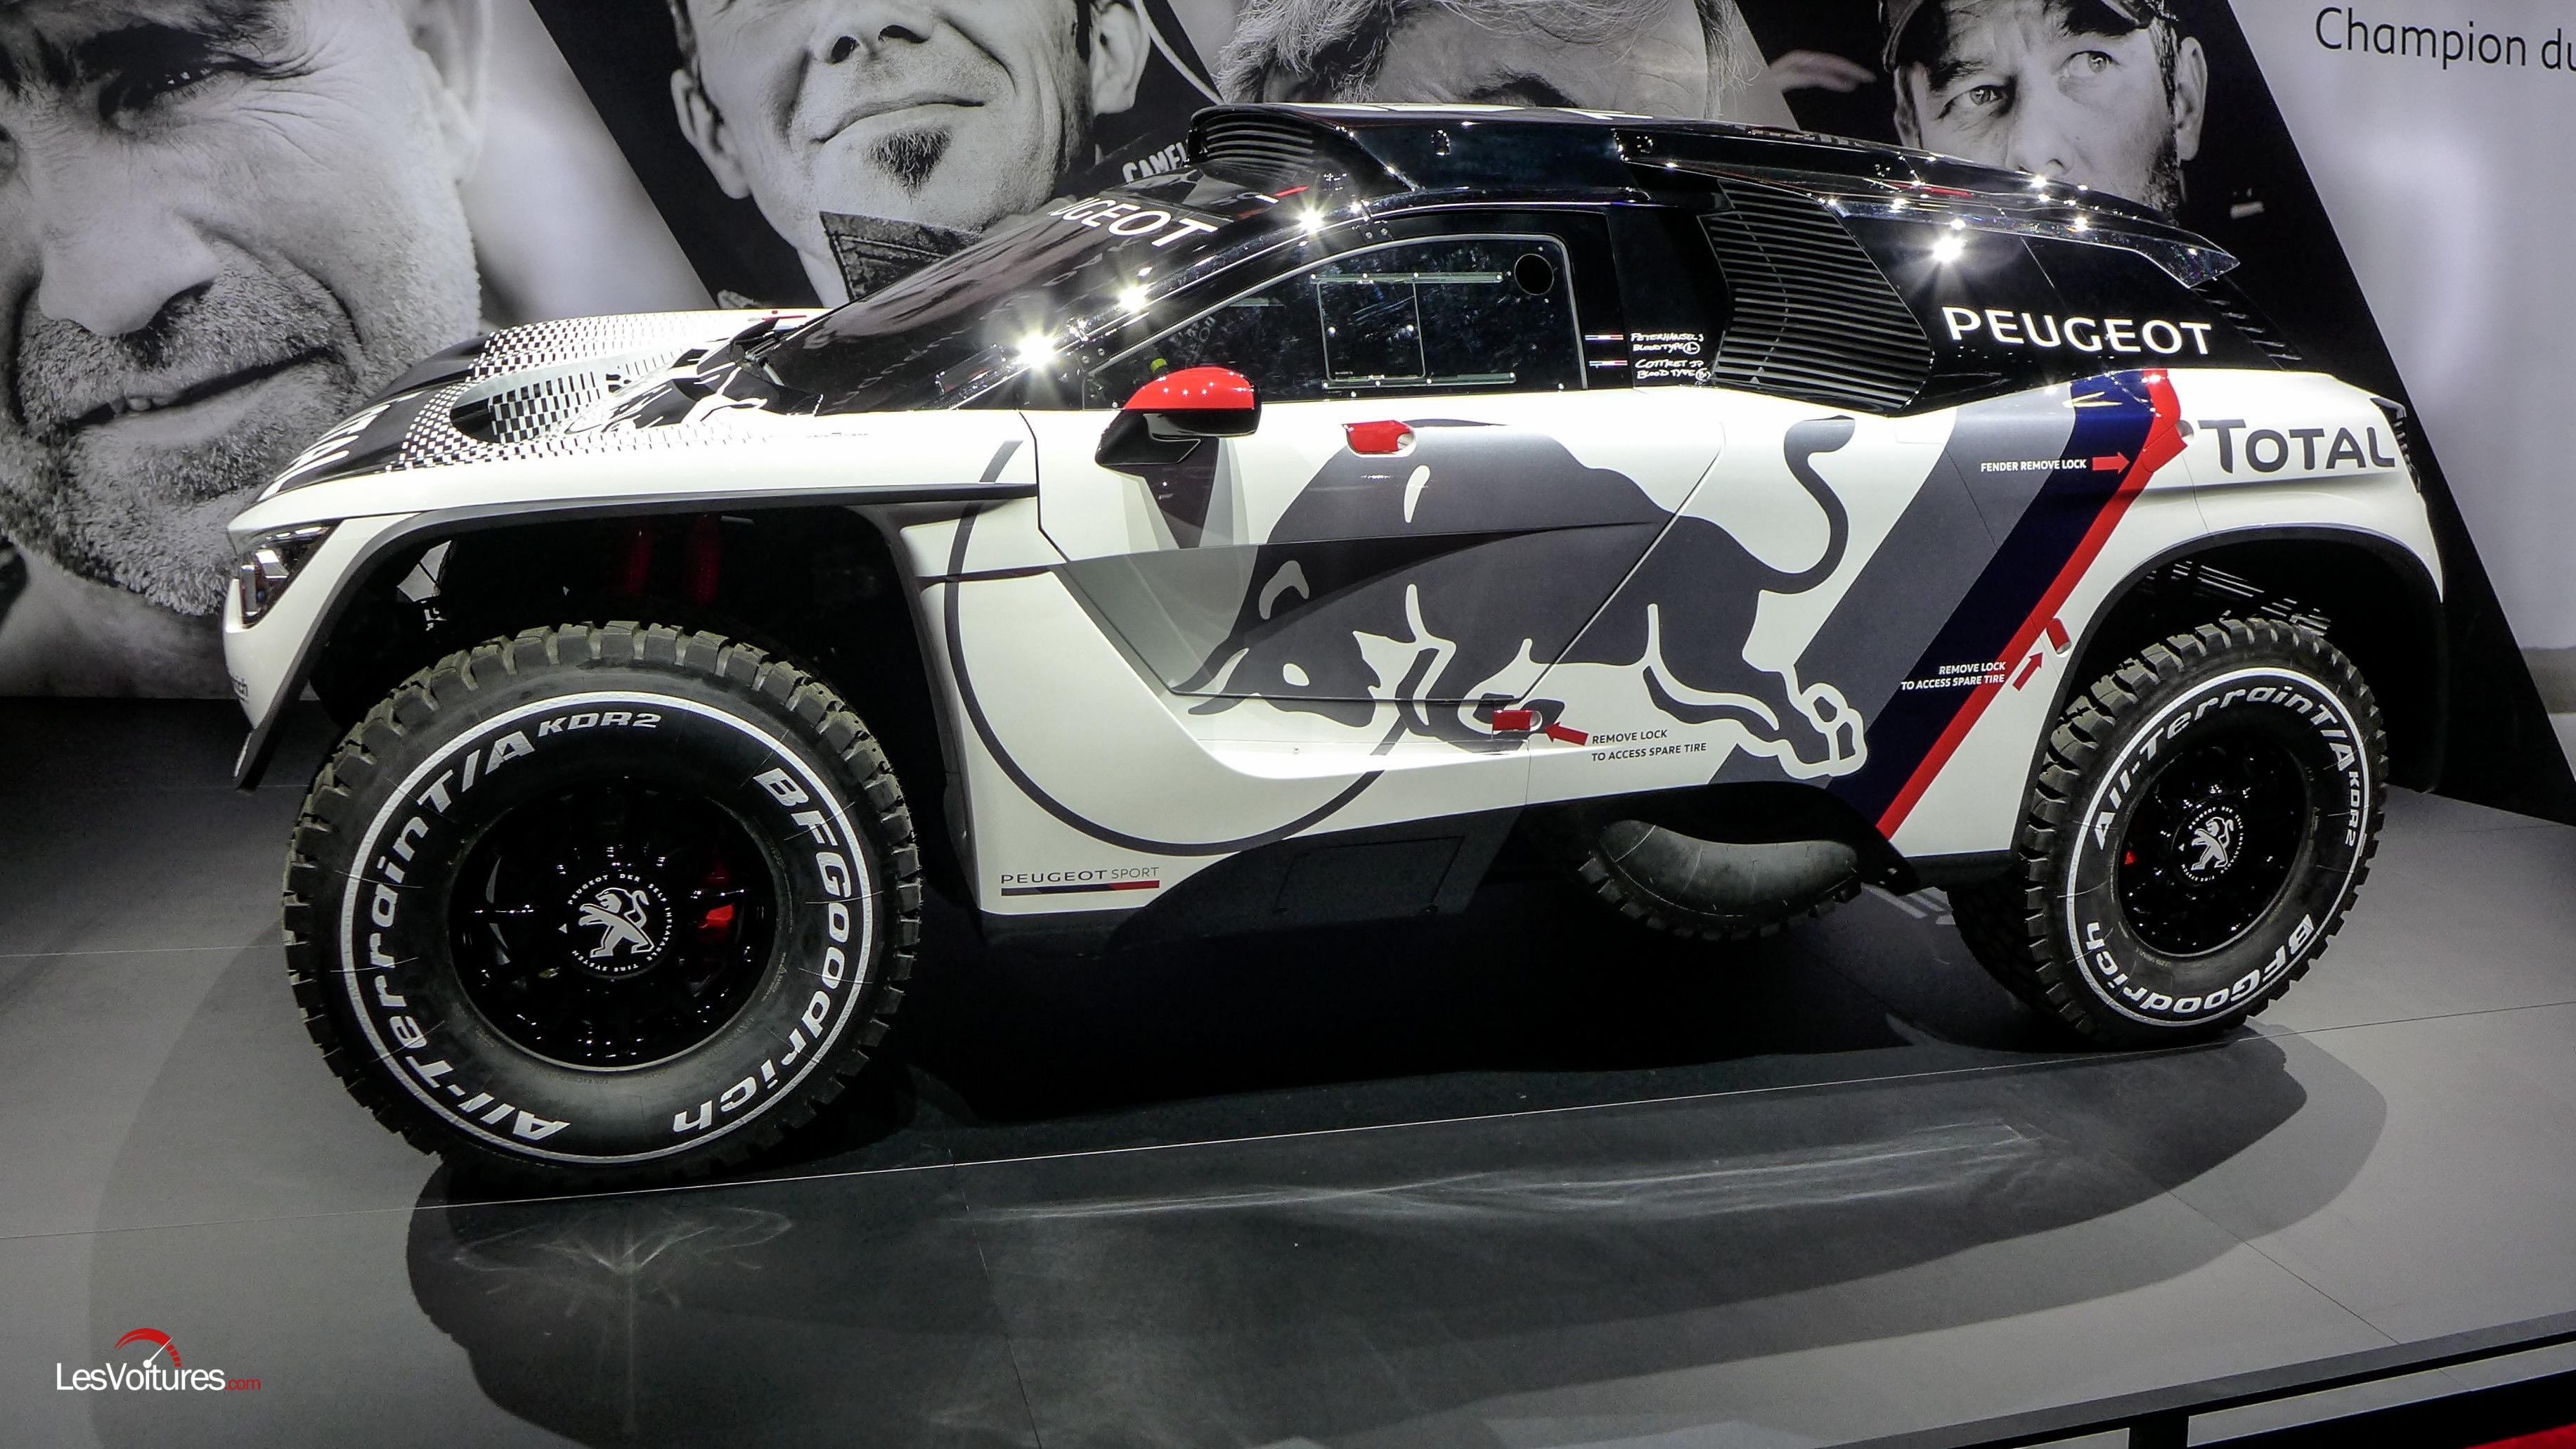 mondial-automobile-paris-2016-17-peugeot-sport-3008-dkr ...